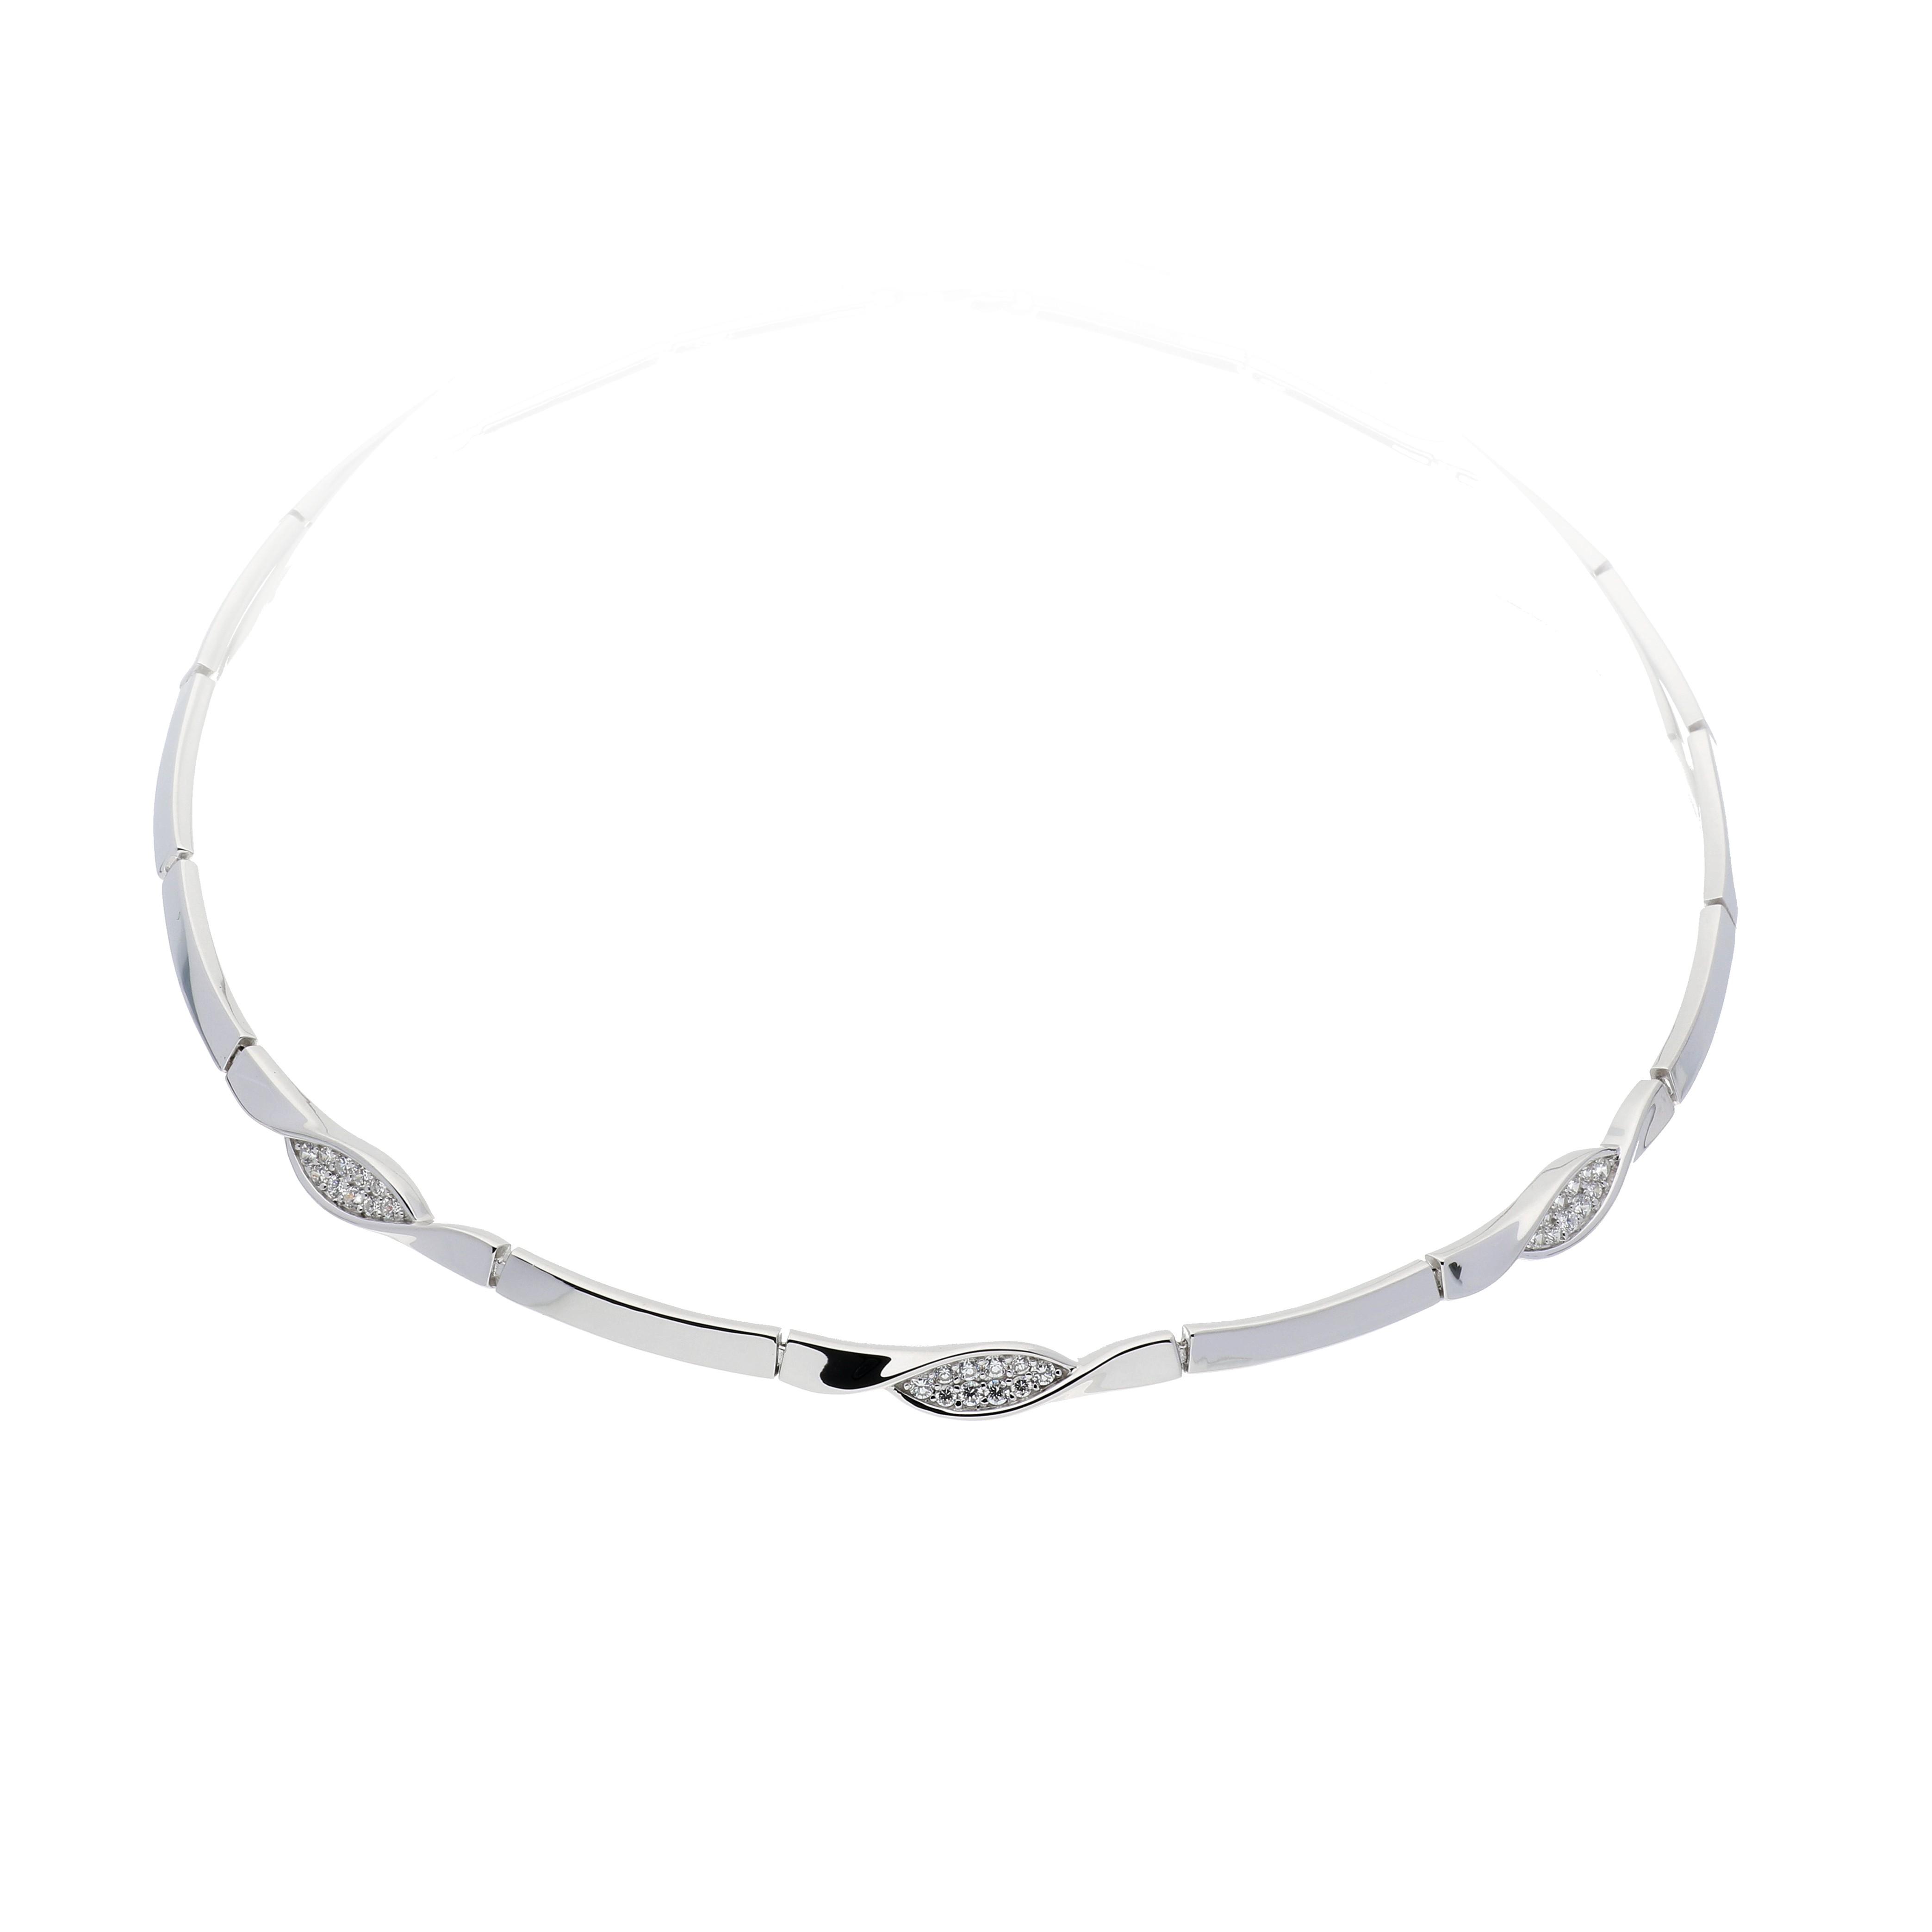 Zilveren Ketting choker met zirconia 45 cm 103.6200.45